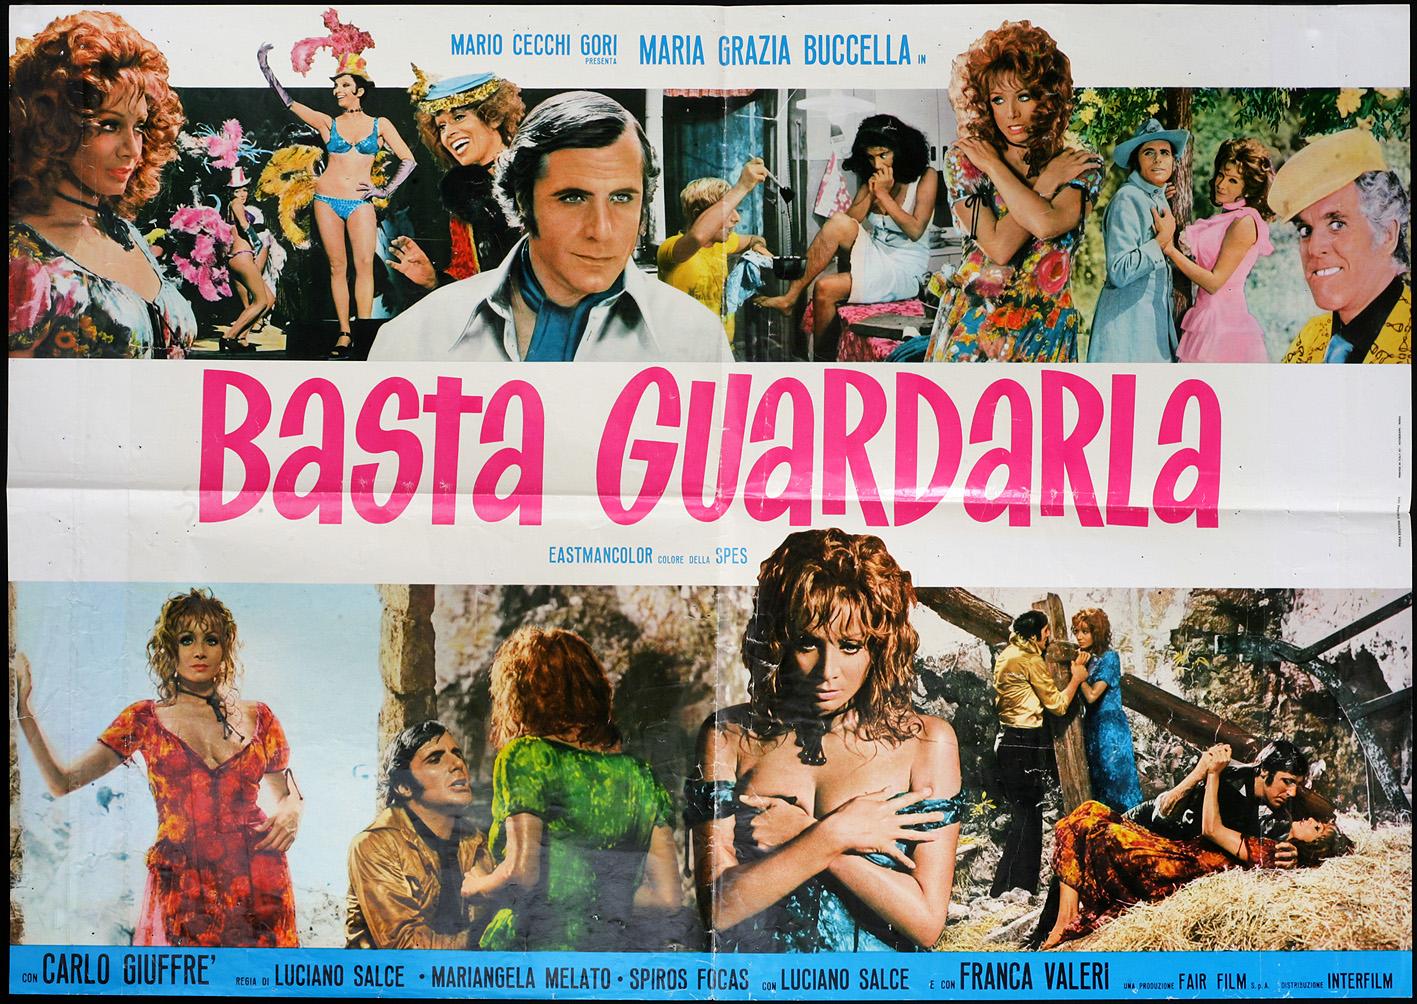 maria_grazia_buccella_locandina_basta_guradarla